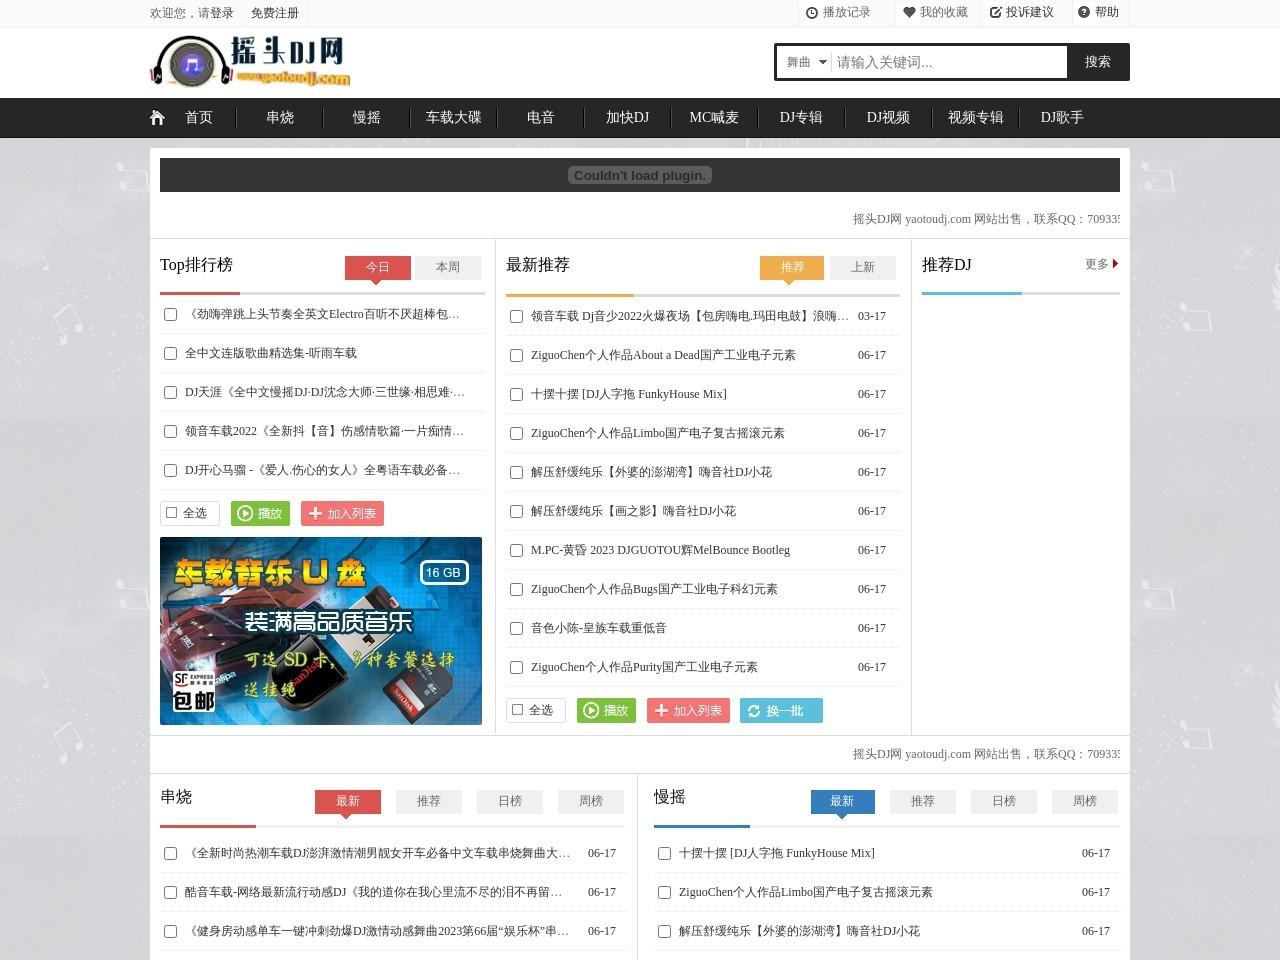 摇头dj网_最新DJ舞曲超劲爆mp3下载